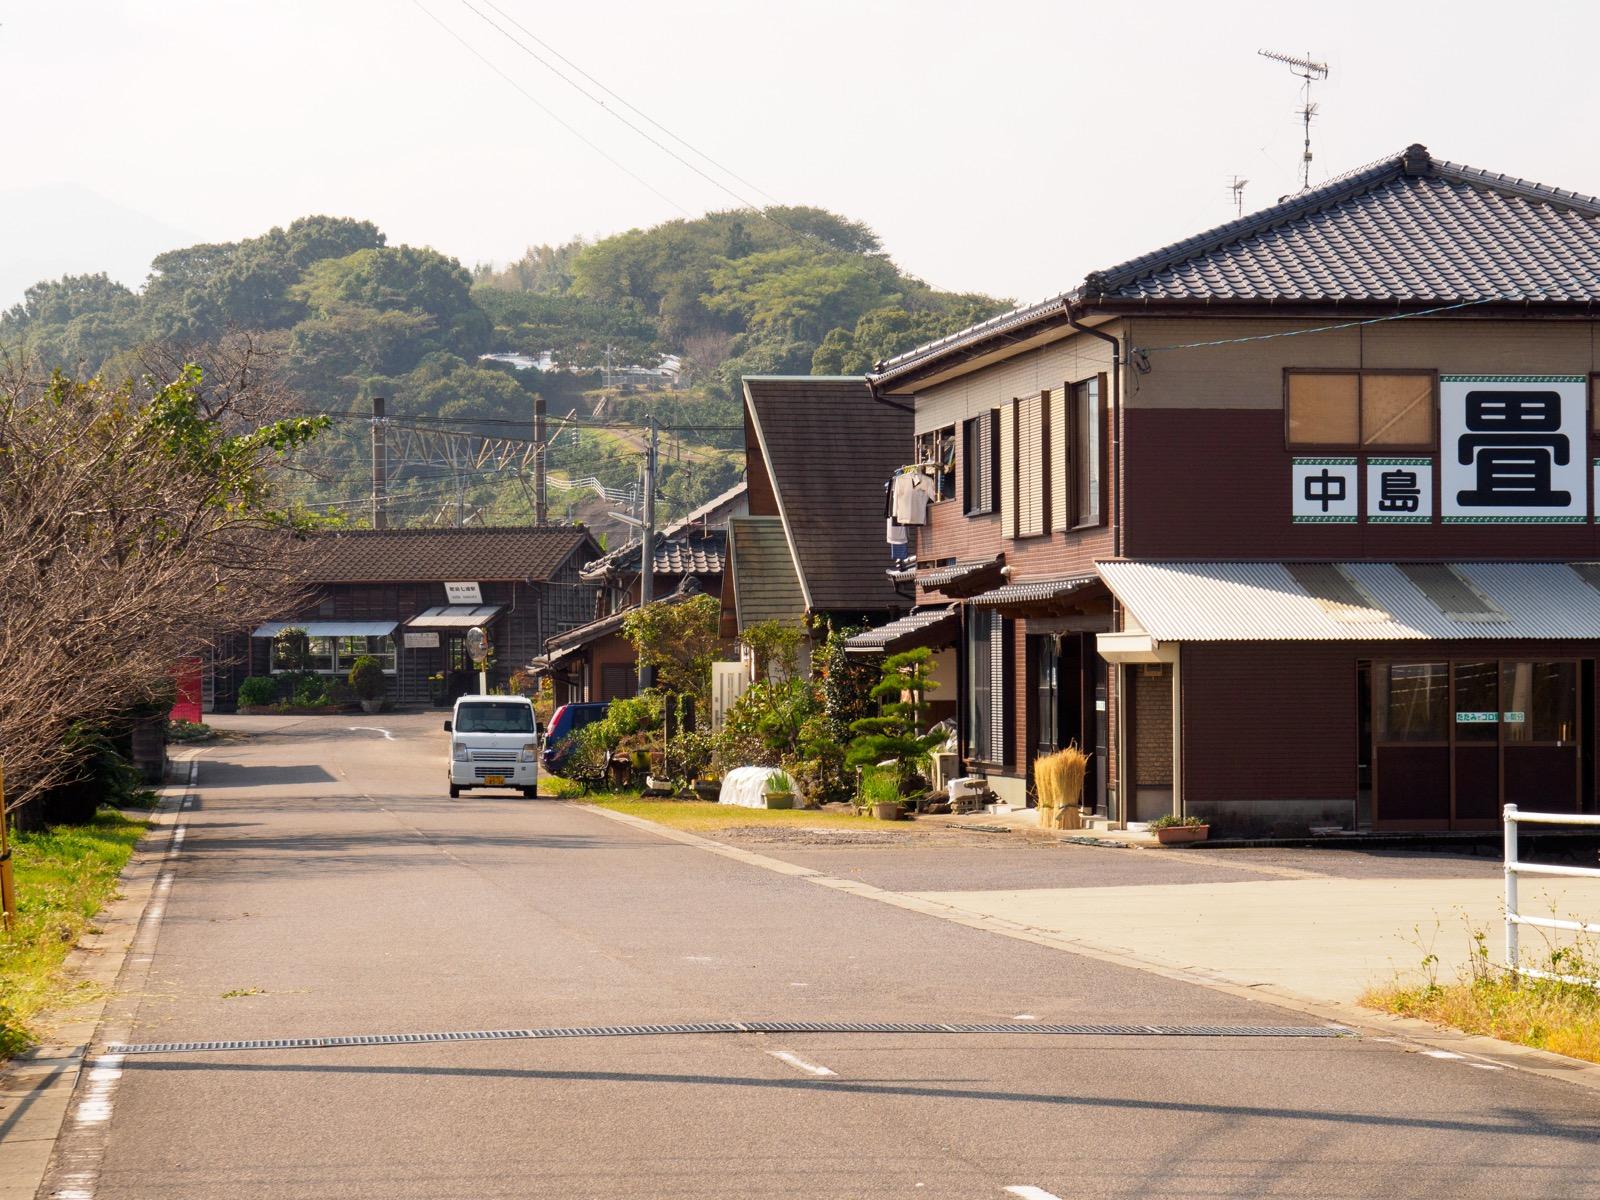 肥前七浦駅前の佐賀県道230号線